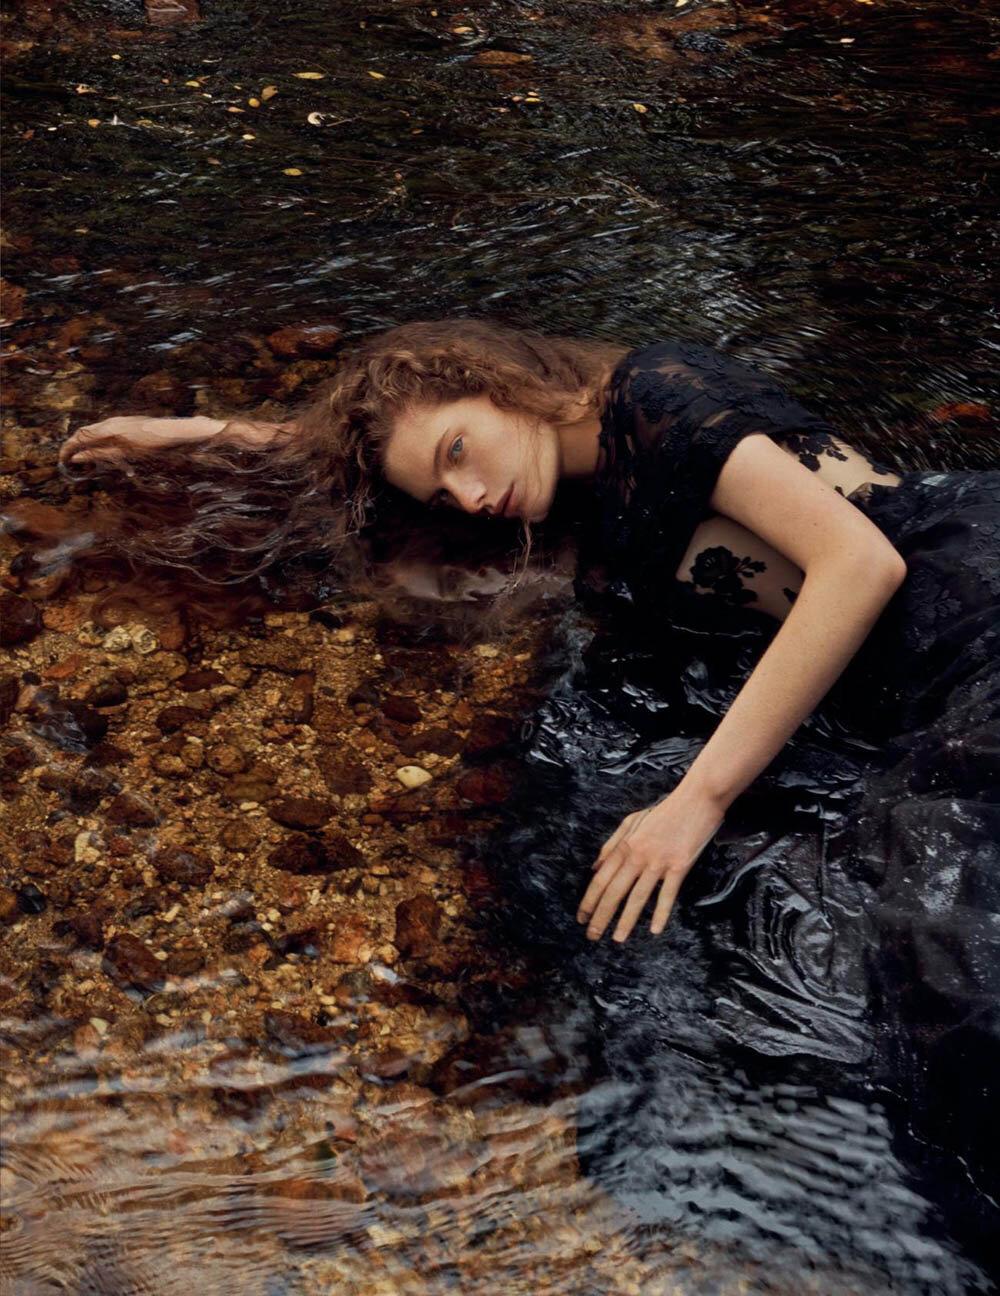 Carolina-Burgin-by-Emma-Tempest-for-Vogue-Spain-October-2019-10.jpg